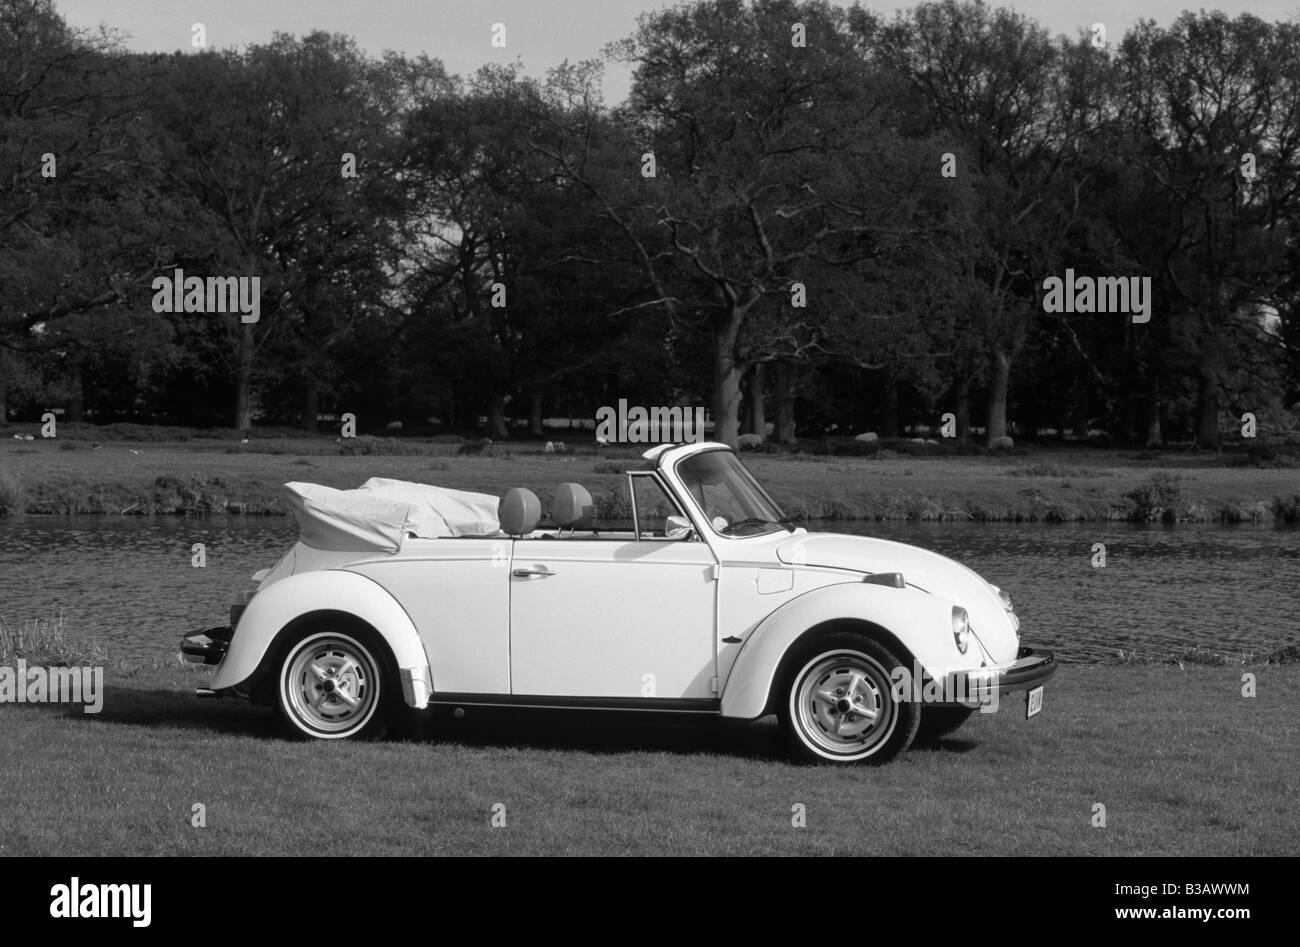 Volkswagen Beetle Cabriolet. Stock Photo